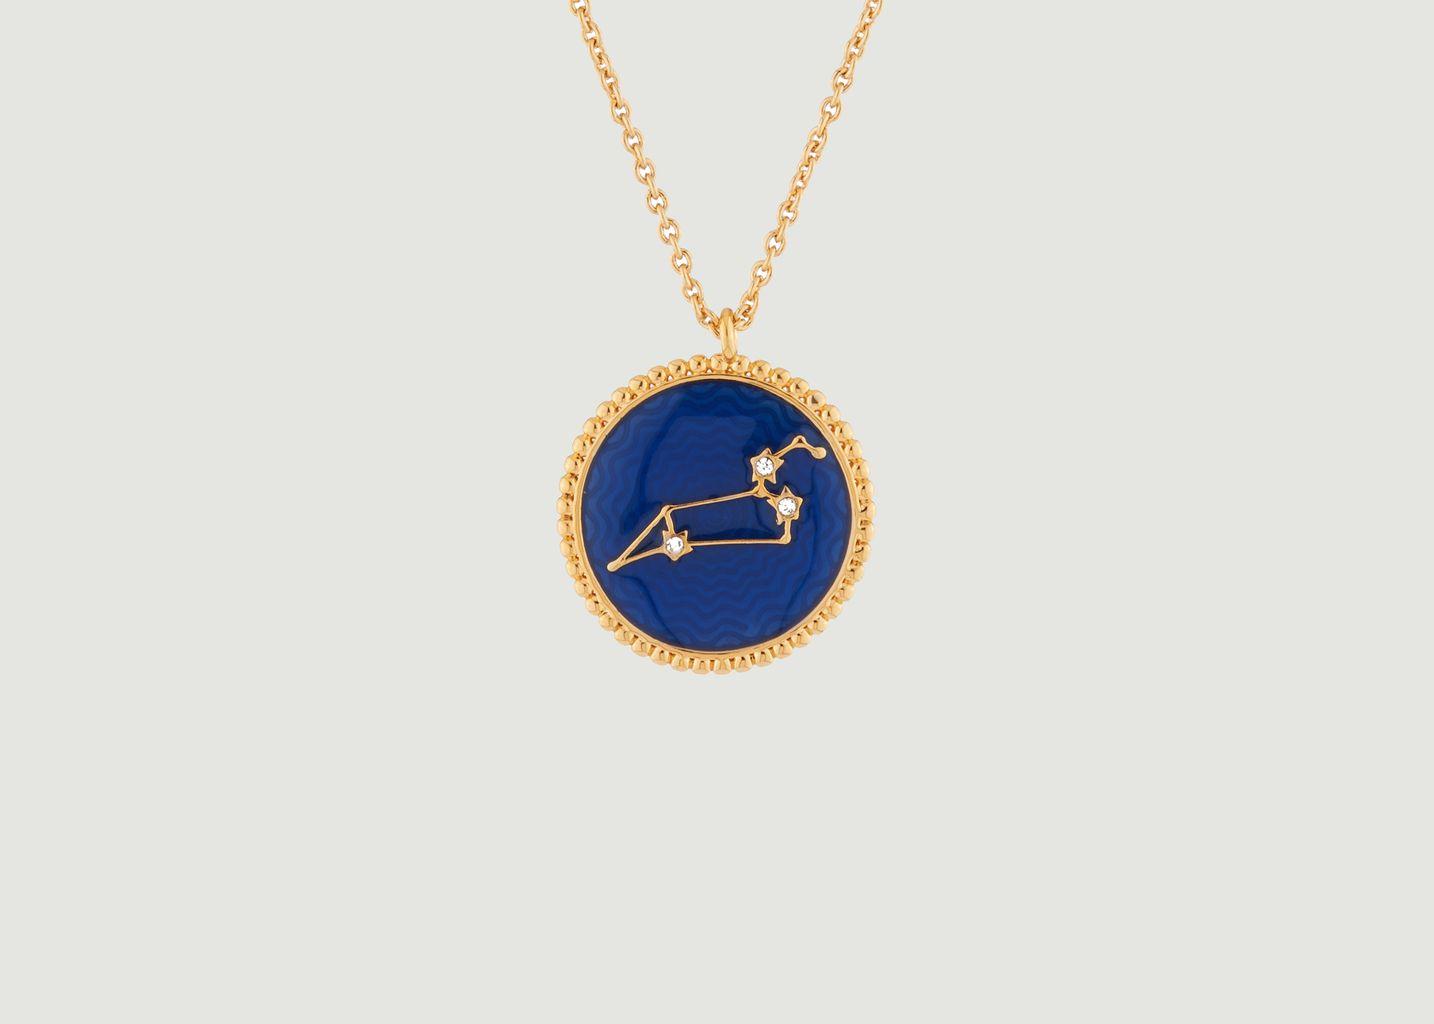 Collier avec pendentif signe astrologique Lion - Les Néréides